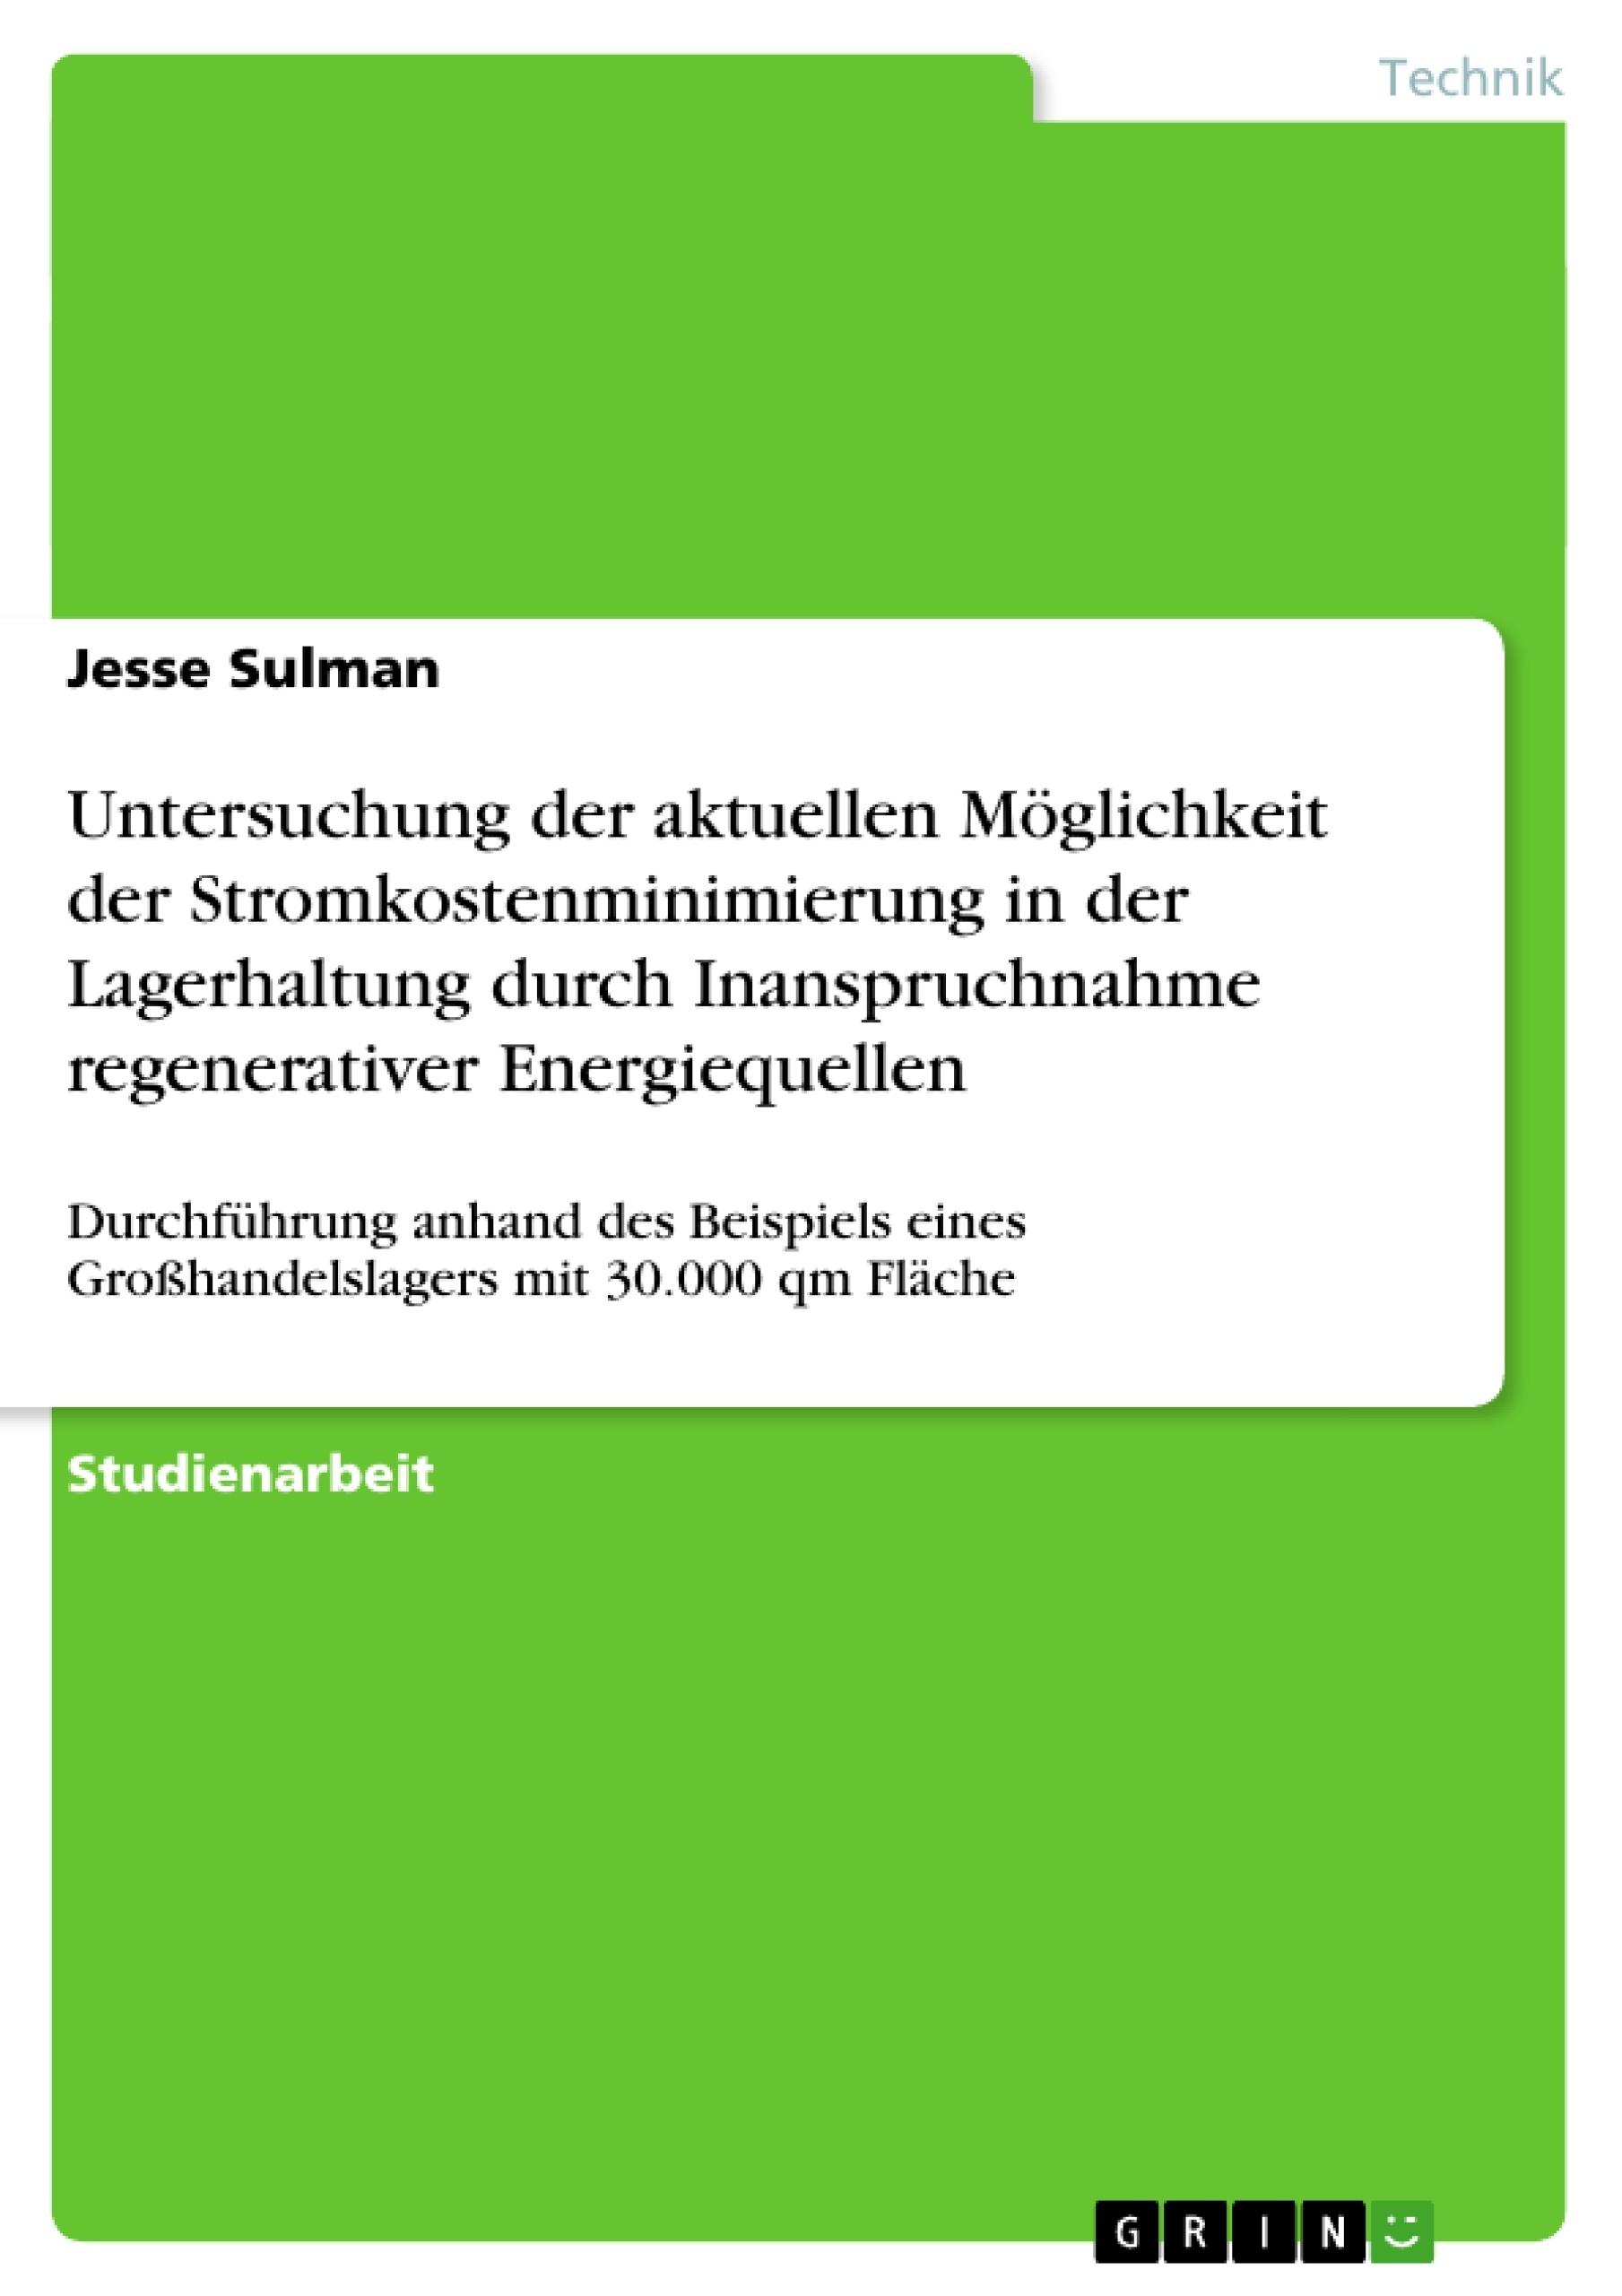 Titel: Untersuchung der aktuellen Möglichkeit der Stromkostenminimierung in der Lagerhaltung durch Inanspruchnahme regenerativer Energiequellen